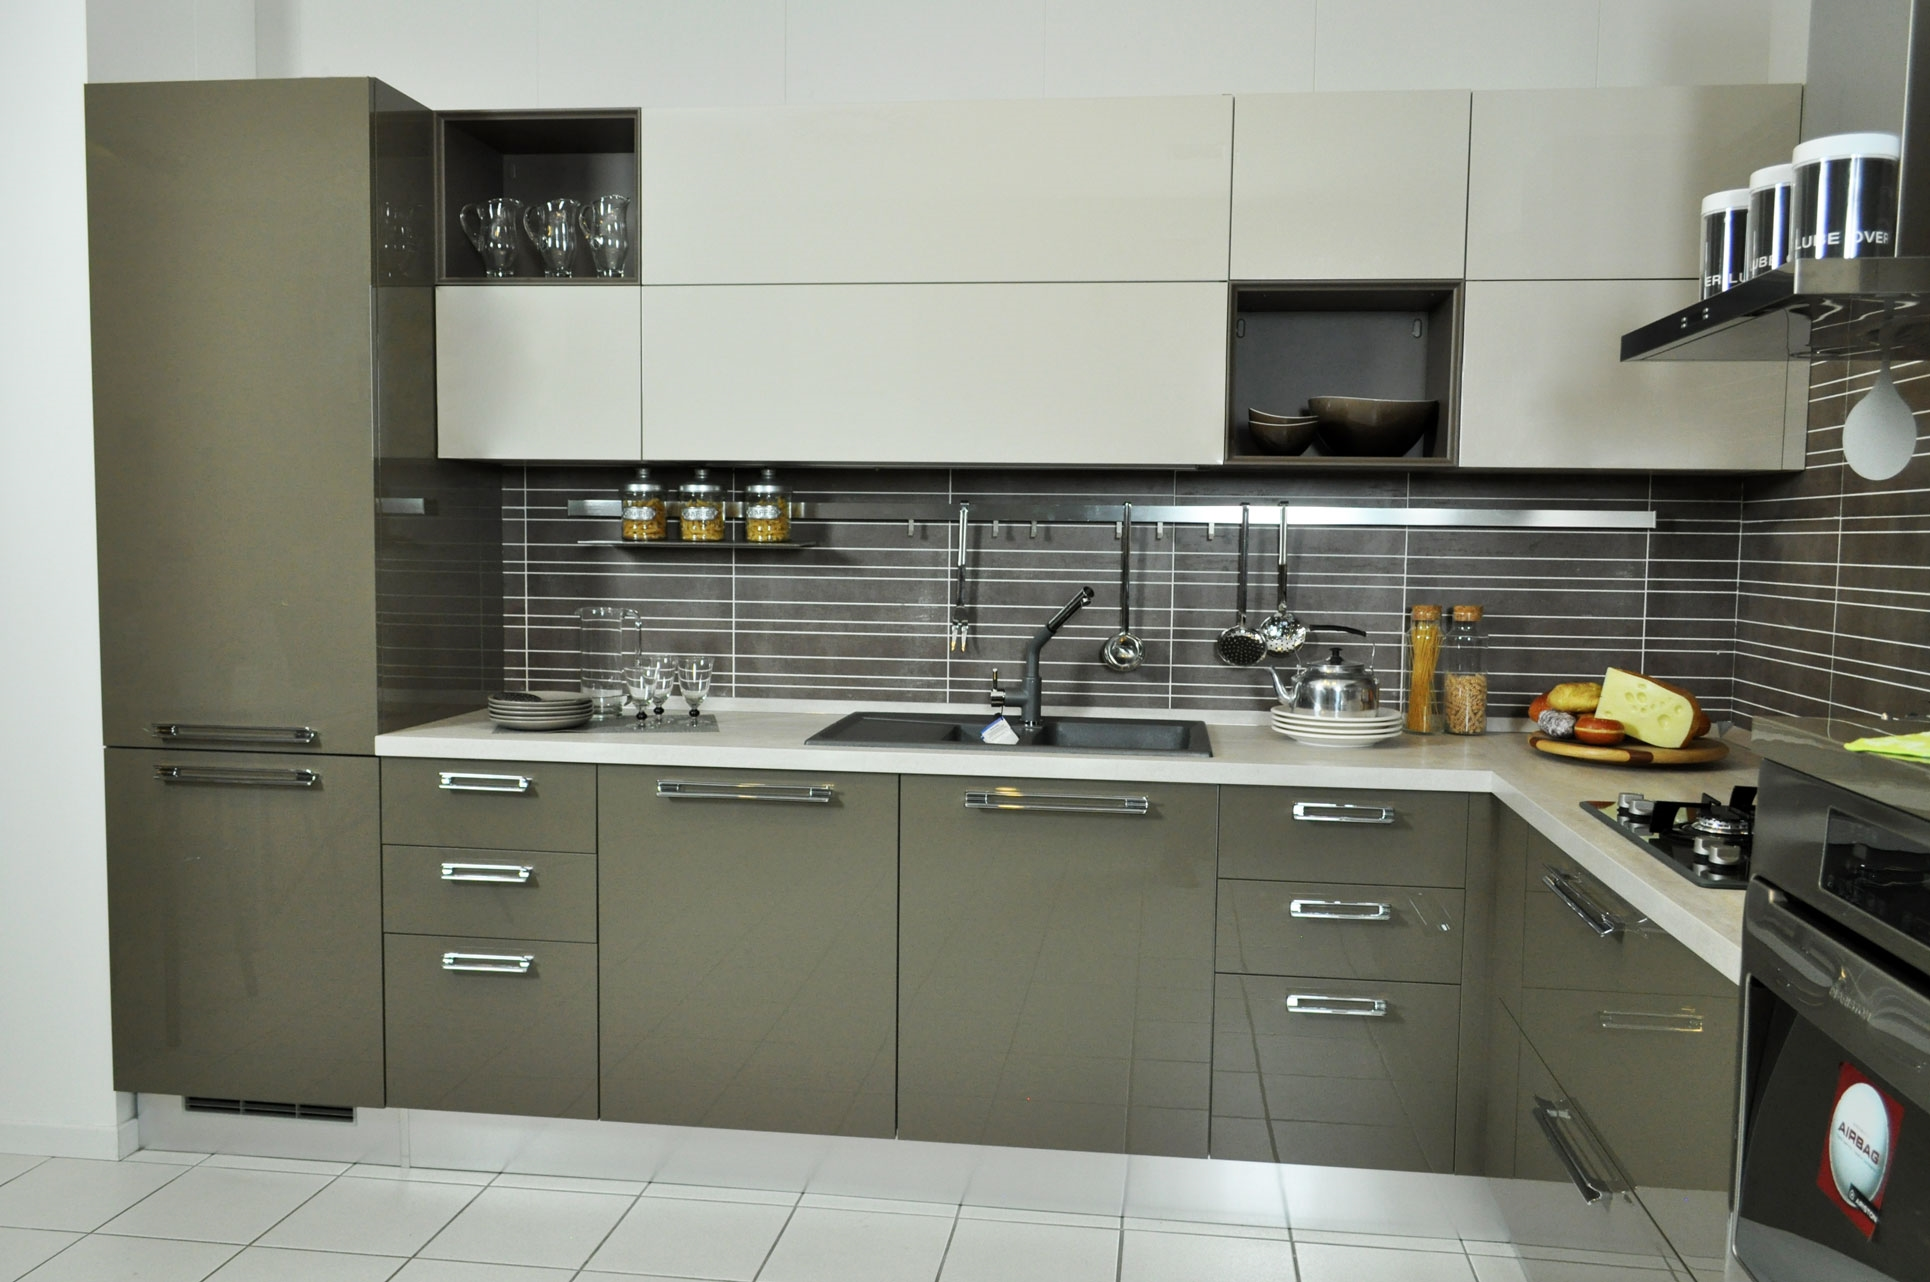 Cucine complete di elettrodomestici offerte specchio for Cucine bloccate offerte